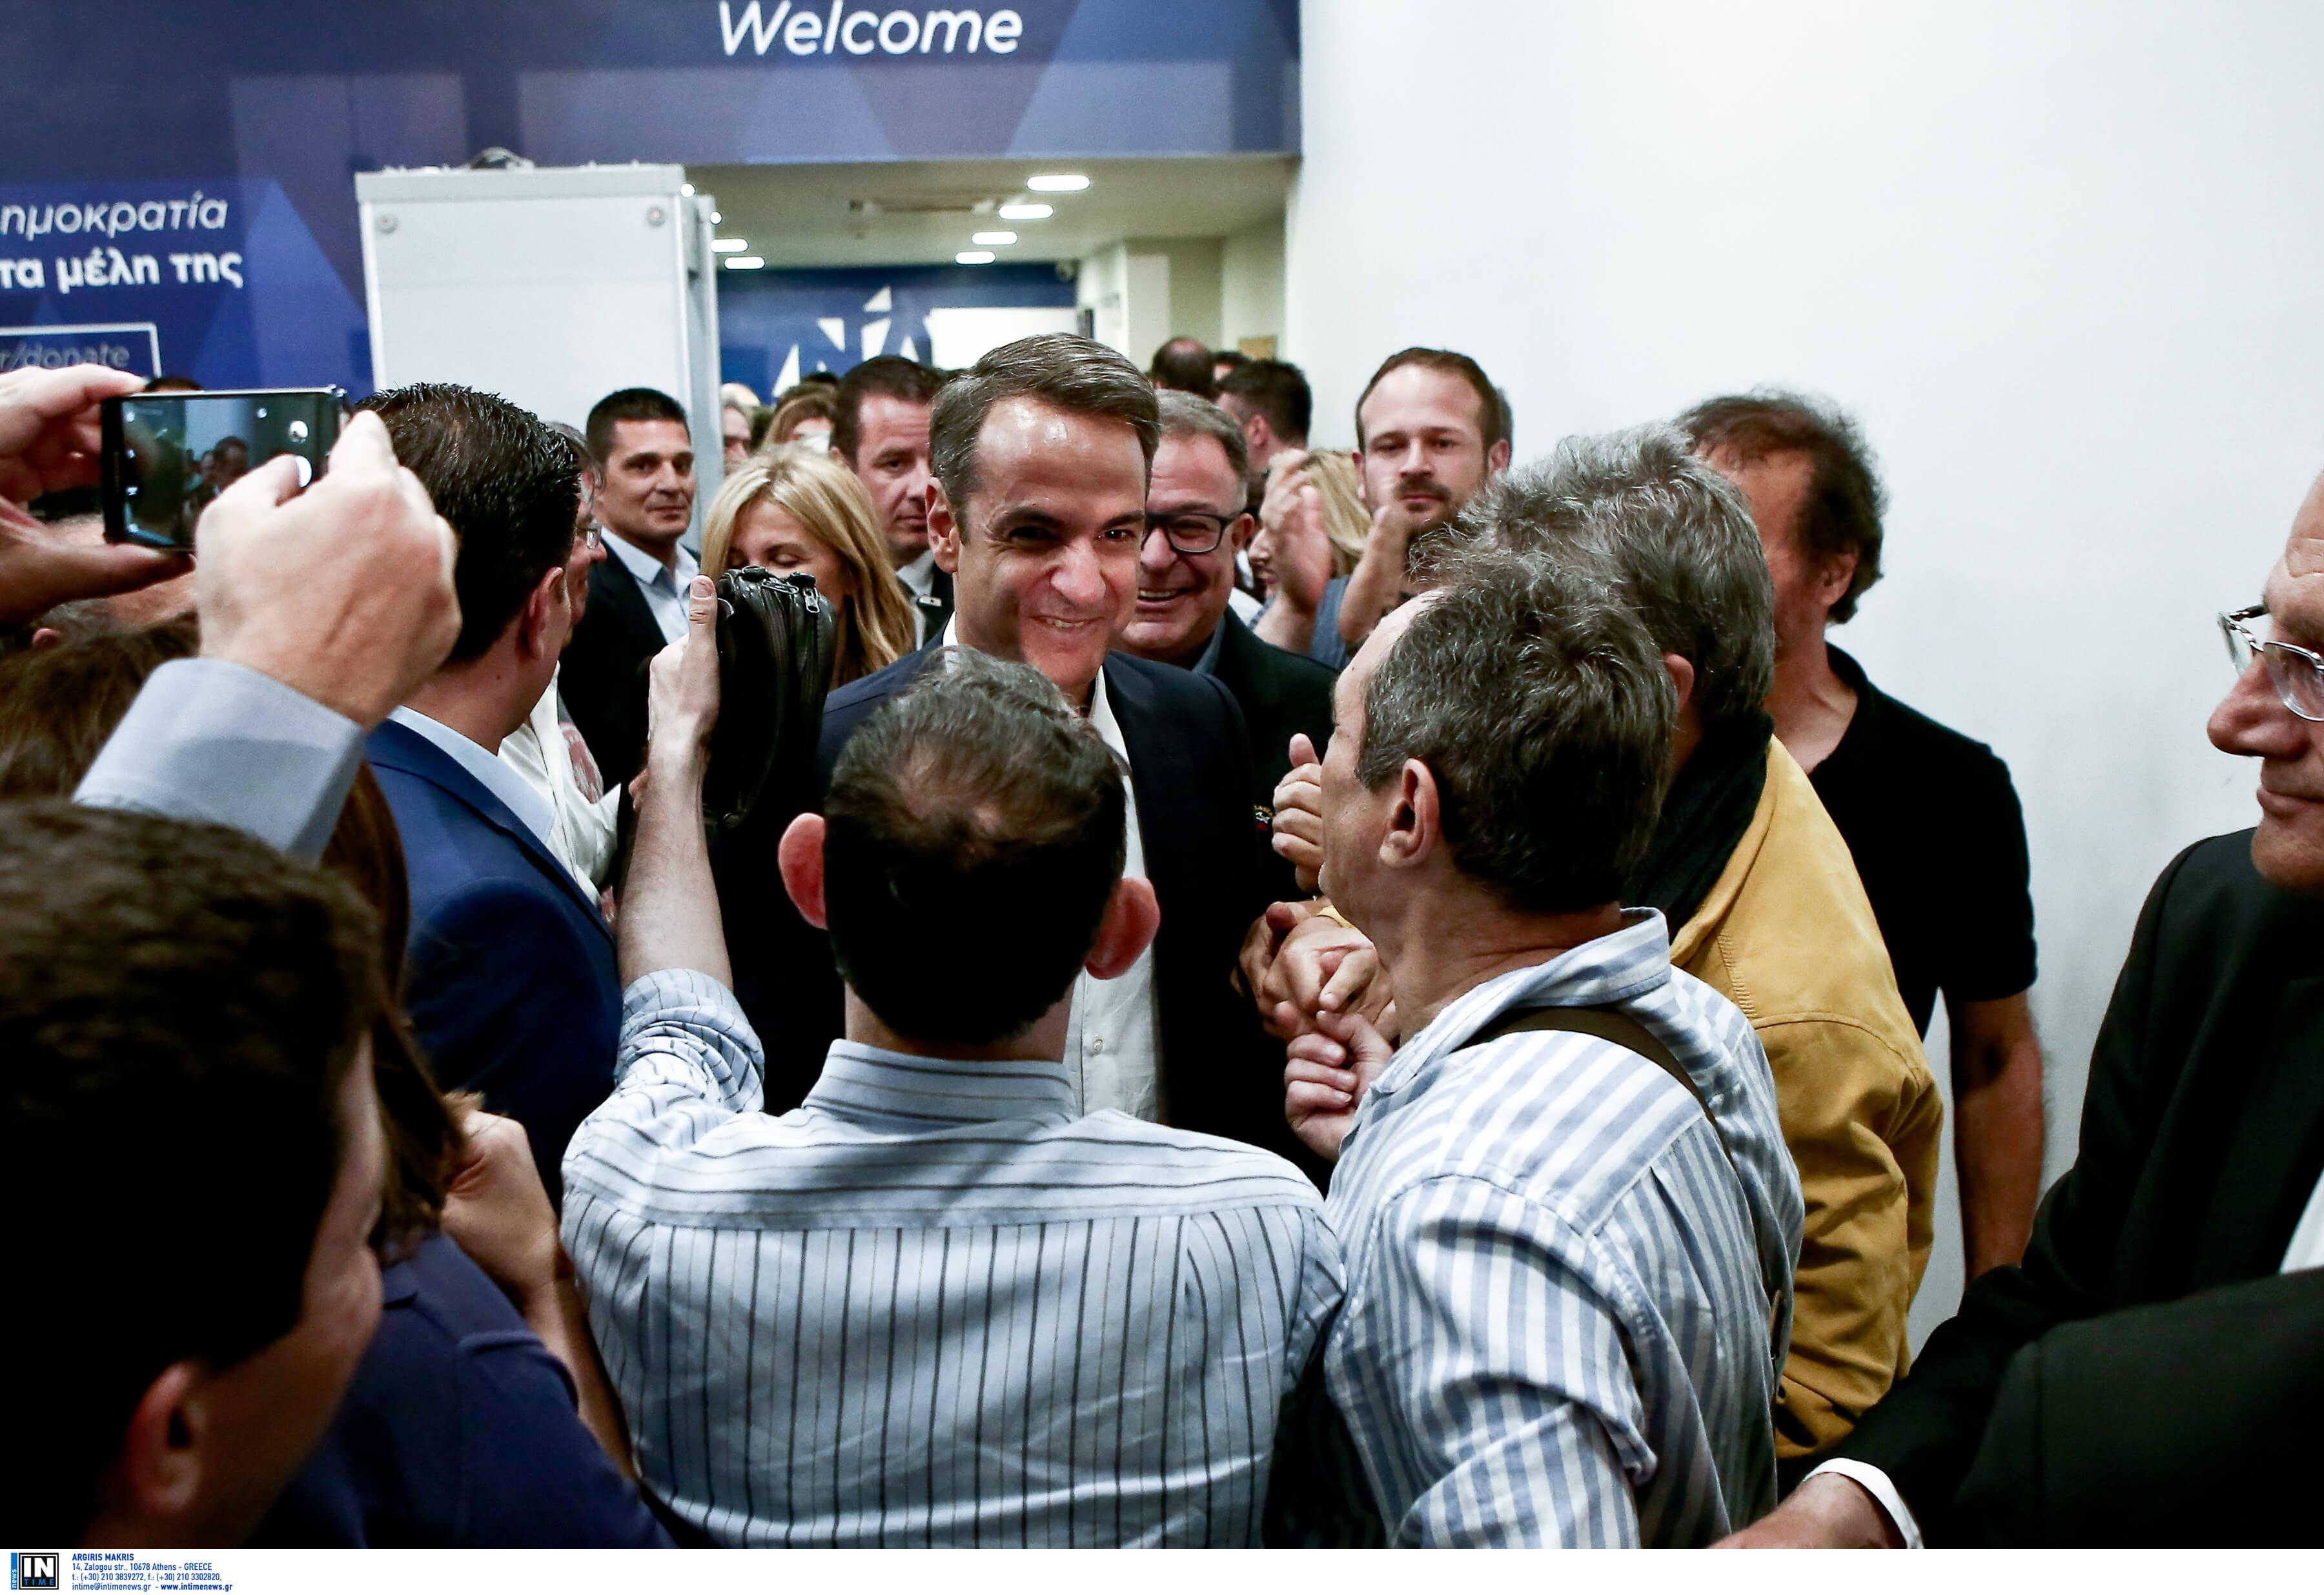 Πάνω από 9% η διαφορά ΝΔ - ΣΥΡΙΖΑ! Χαμόγελα Μητσοτάκη μετά την προκήρυξη εκλογών από τον Τσίπρα